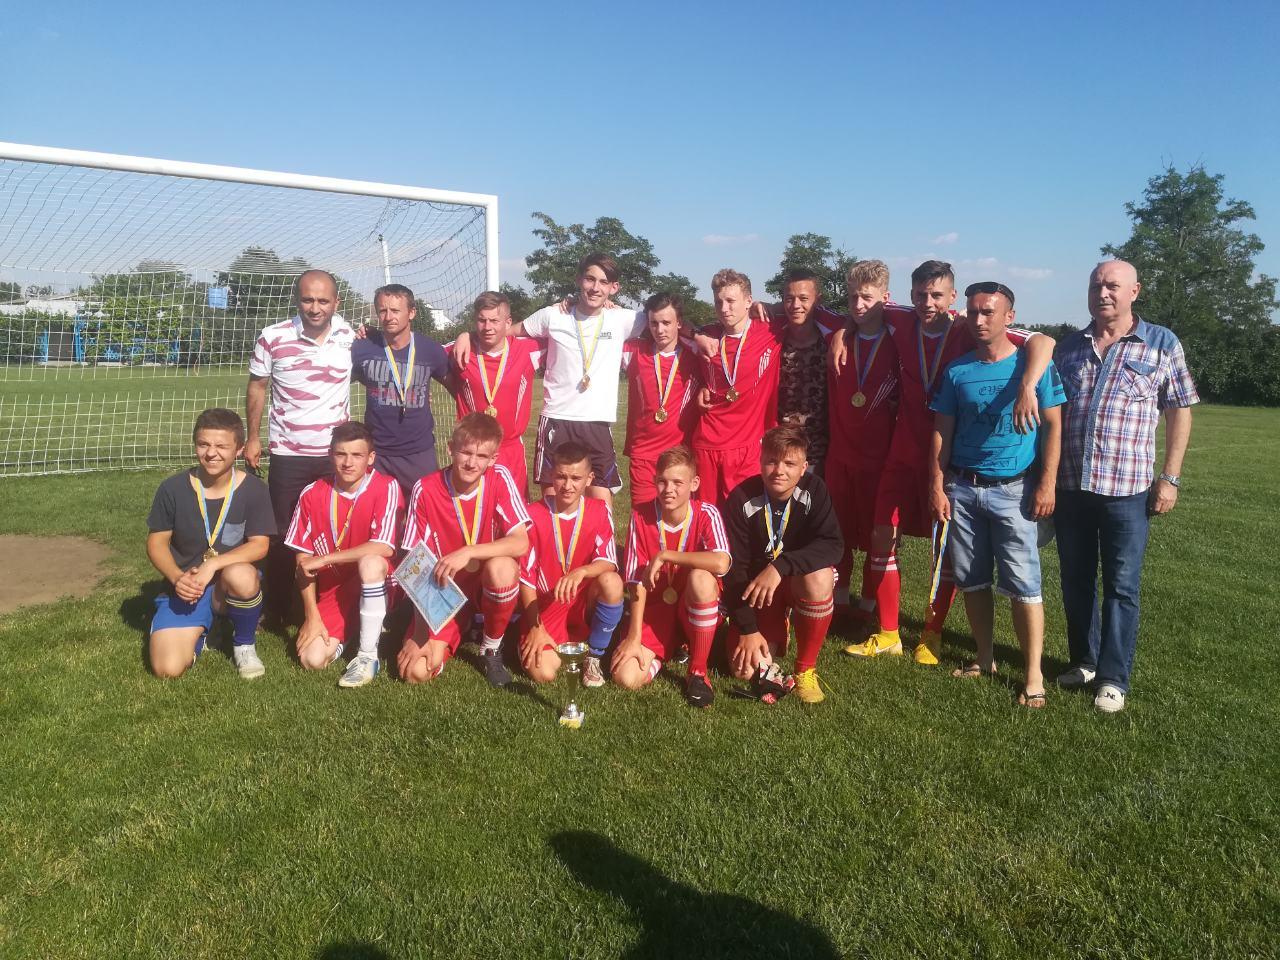 Чемпіонат Херсонської області U-16. Перша ліга. Колос (Каховcький р-н)  – Чемпіон!